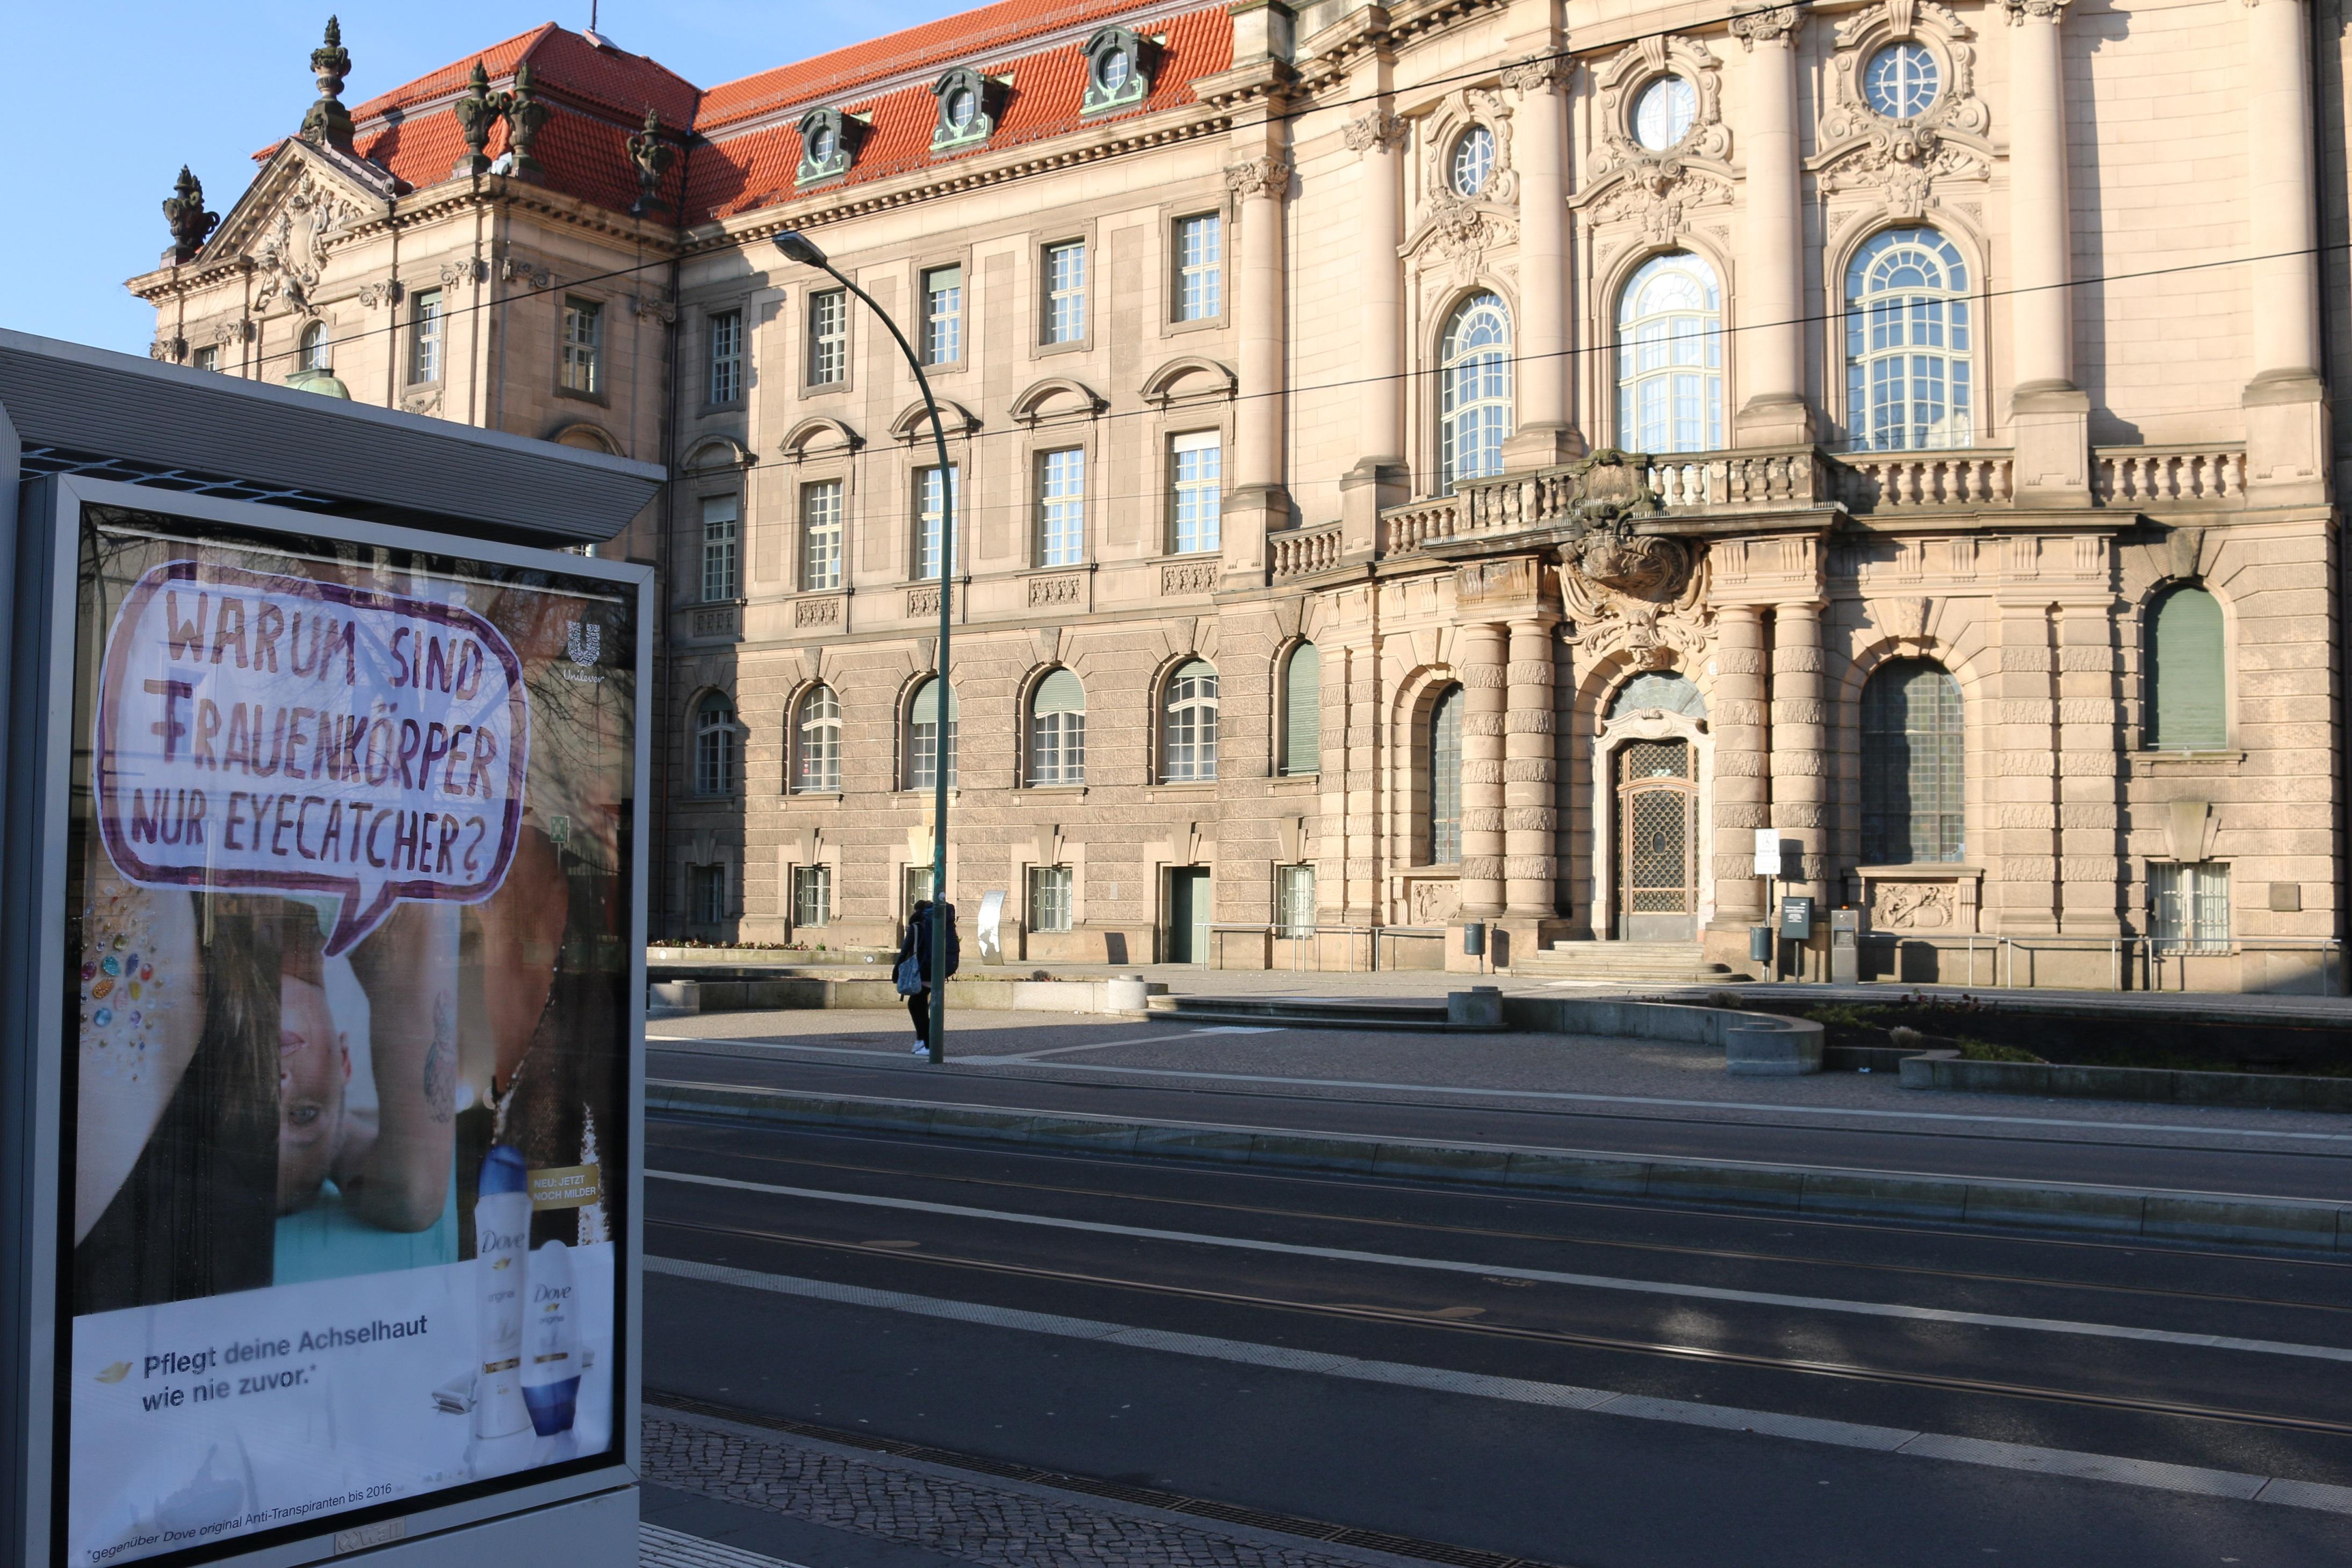 Adbusting gegen sexistische Werbung vorm Potsdamer Rathaus